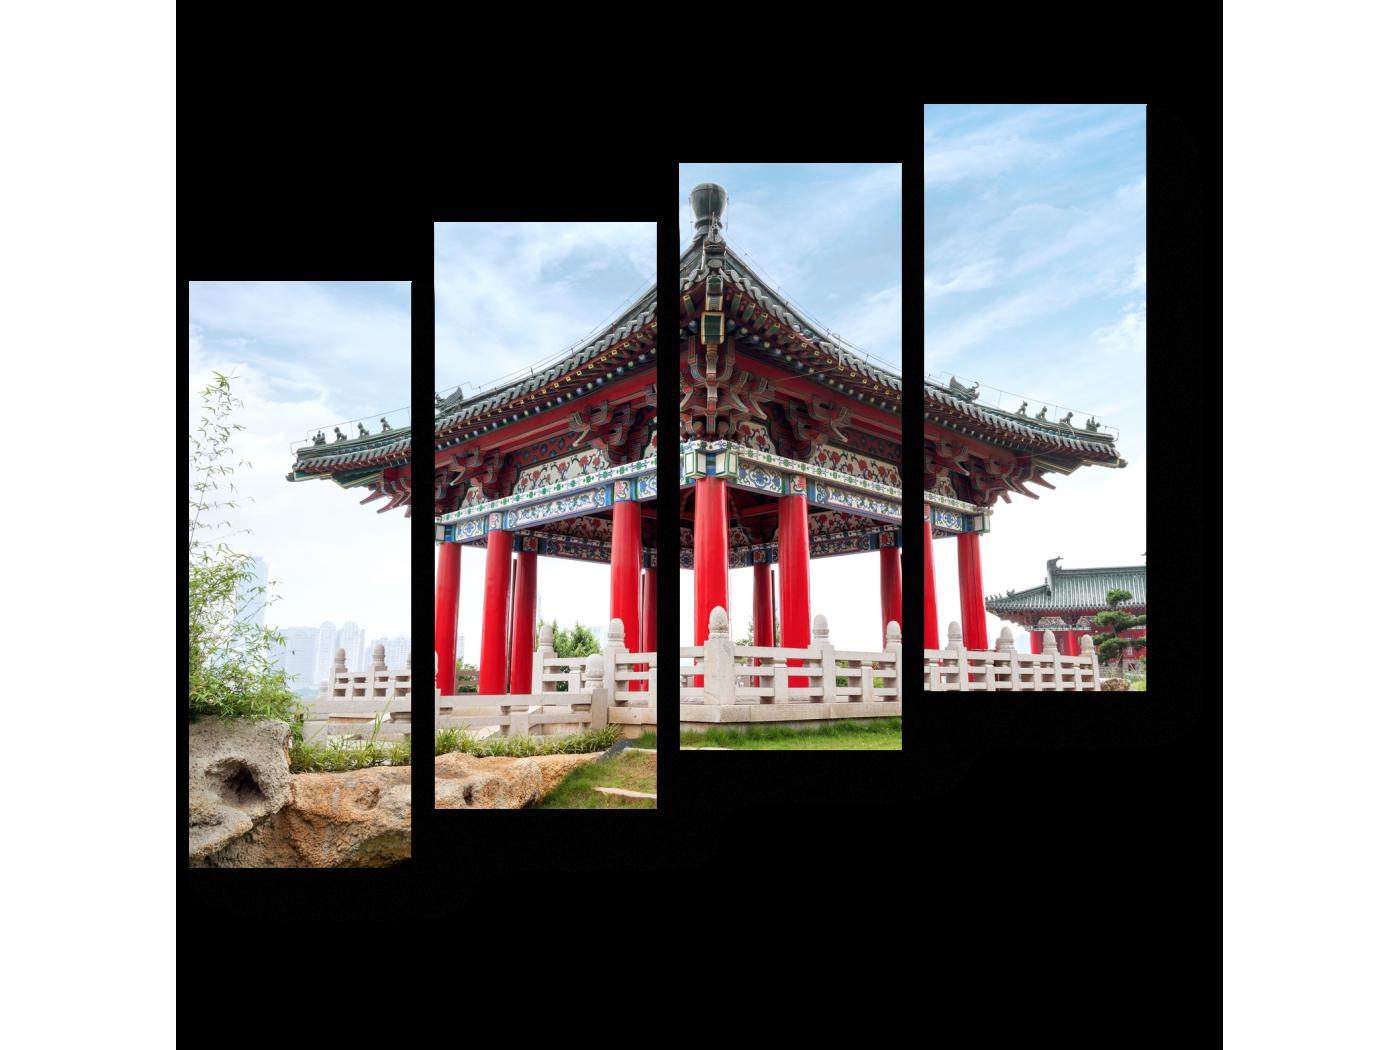 Модульная картина древняя китайская архитектура (80x69) фото